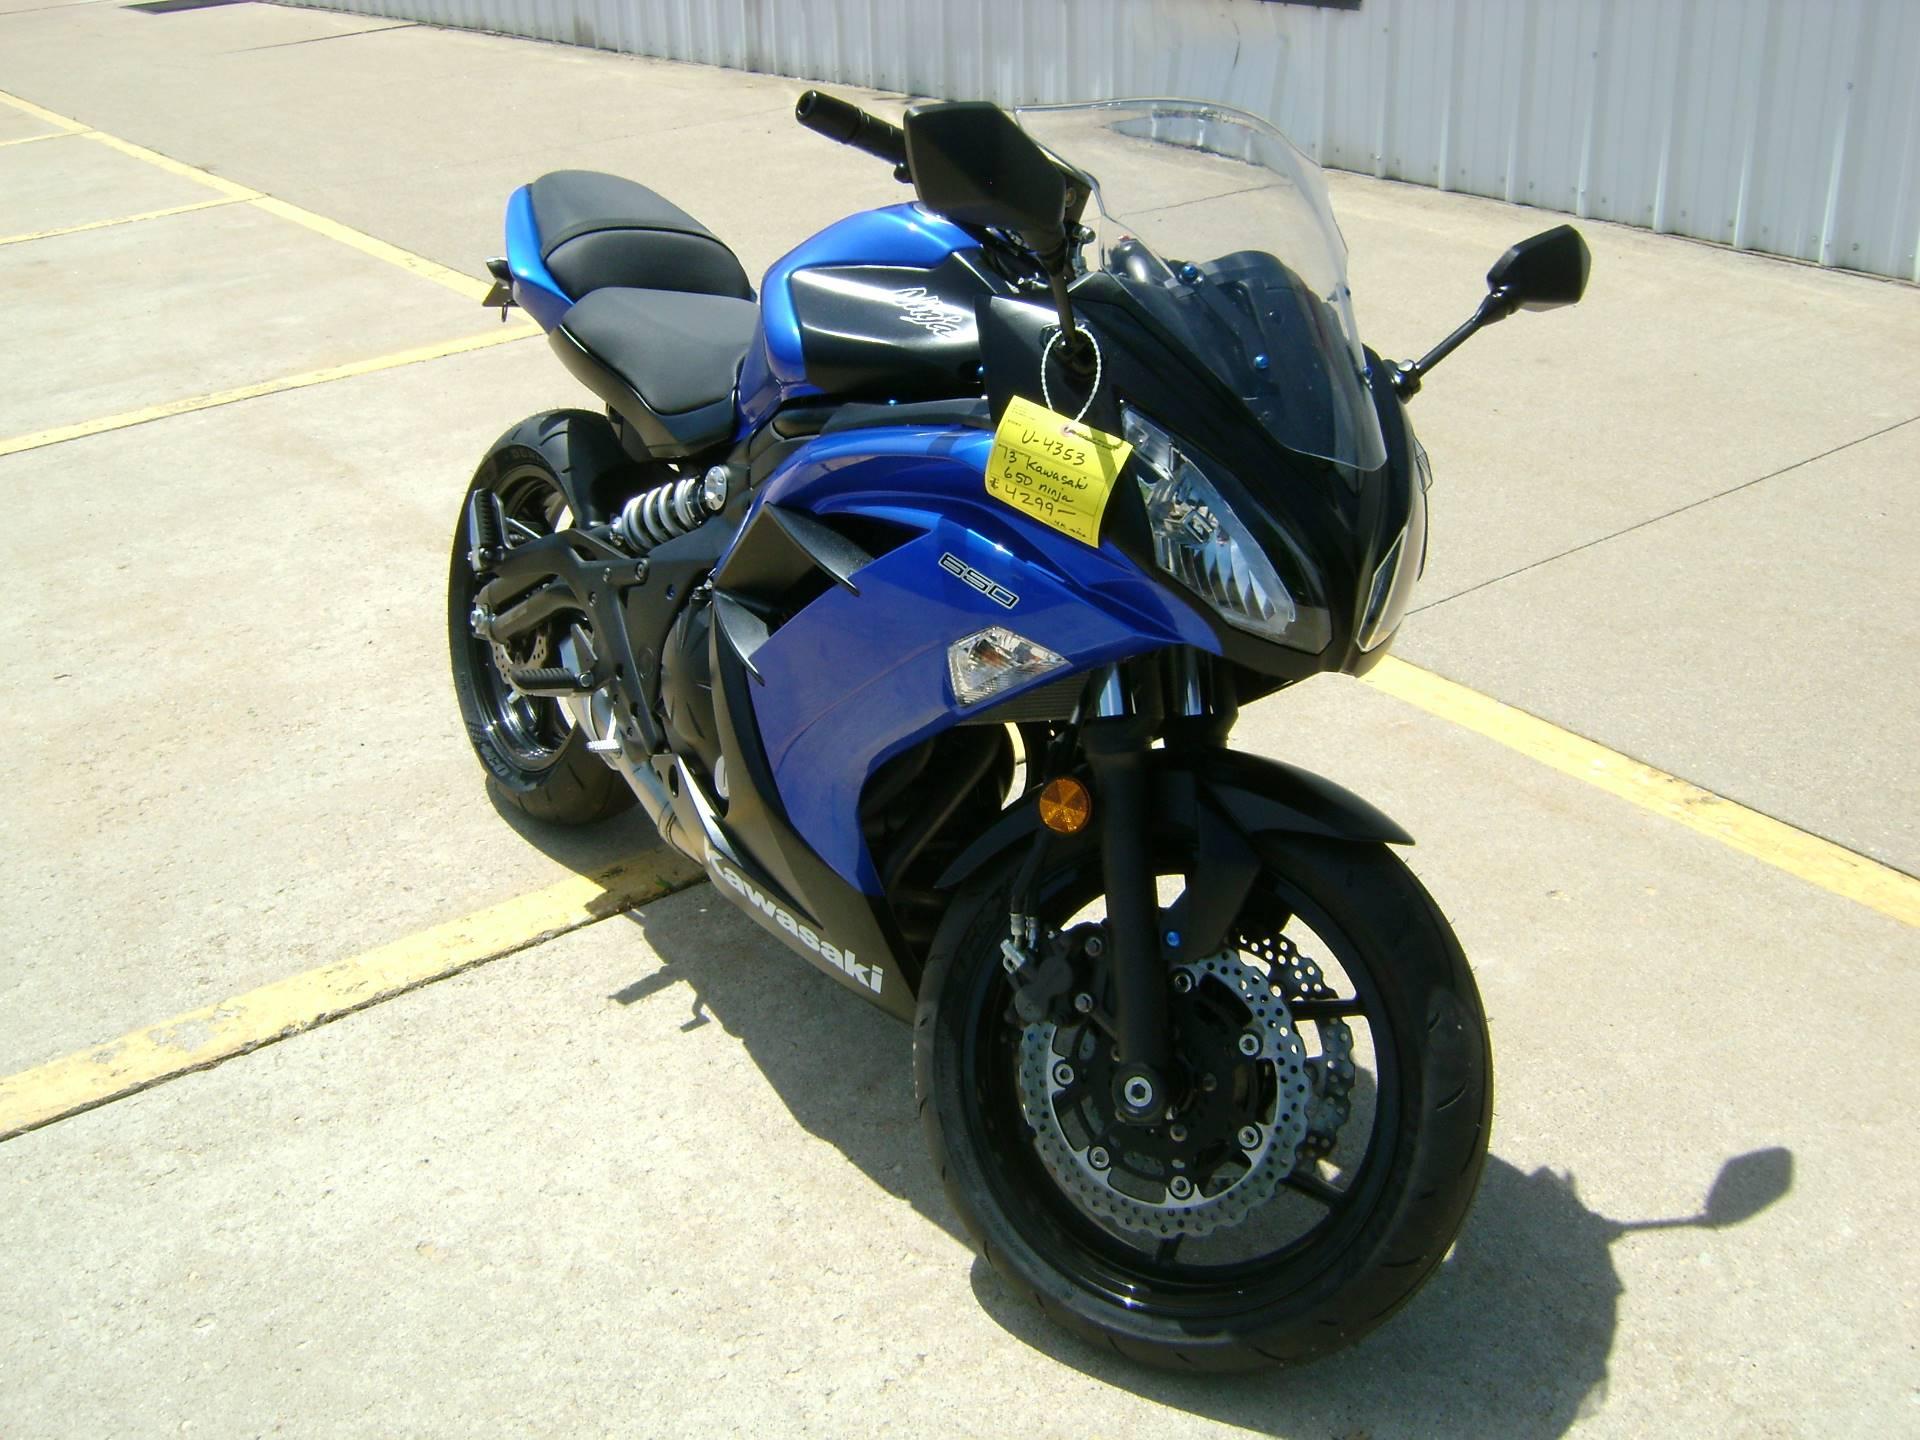 2013 Kawasaki Ex650 Ninja In Freeport Illinois